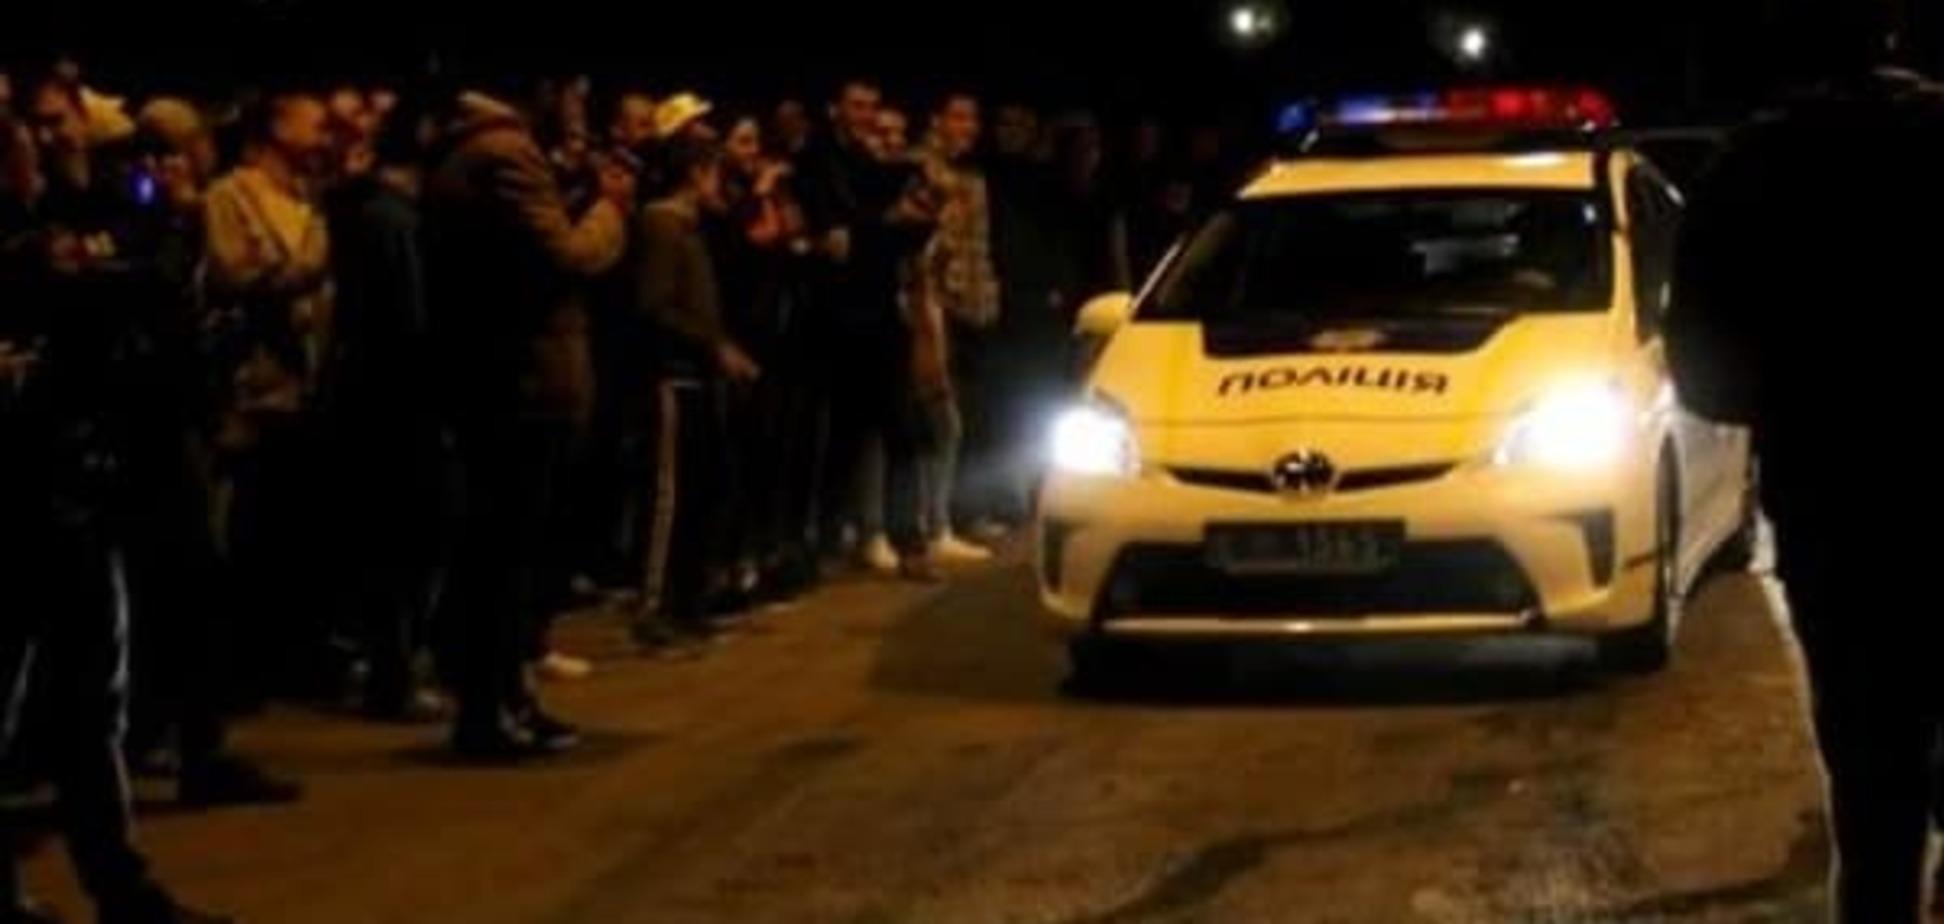 Покаталися: в Одесі поліцейських за участь у вуличних автоперегонах усунули від служби